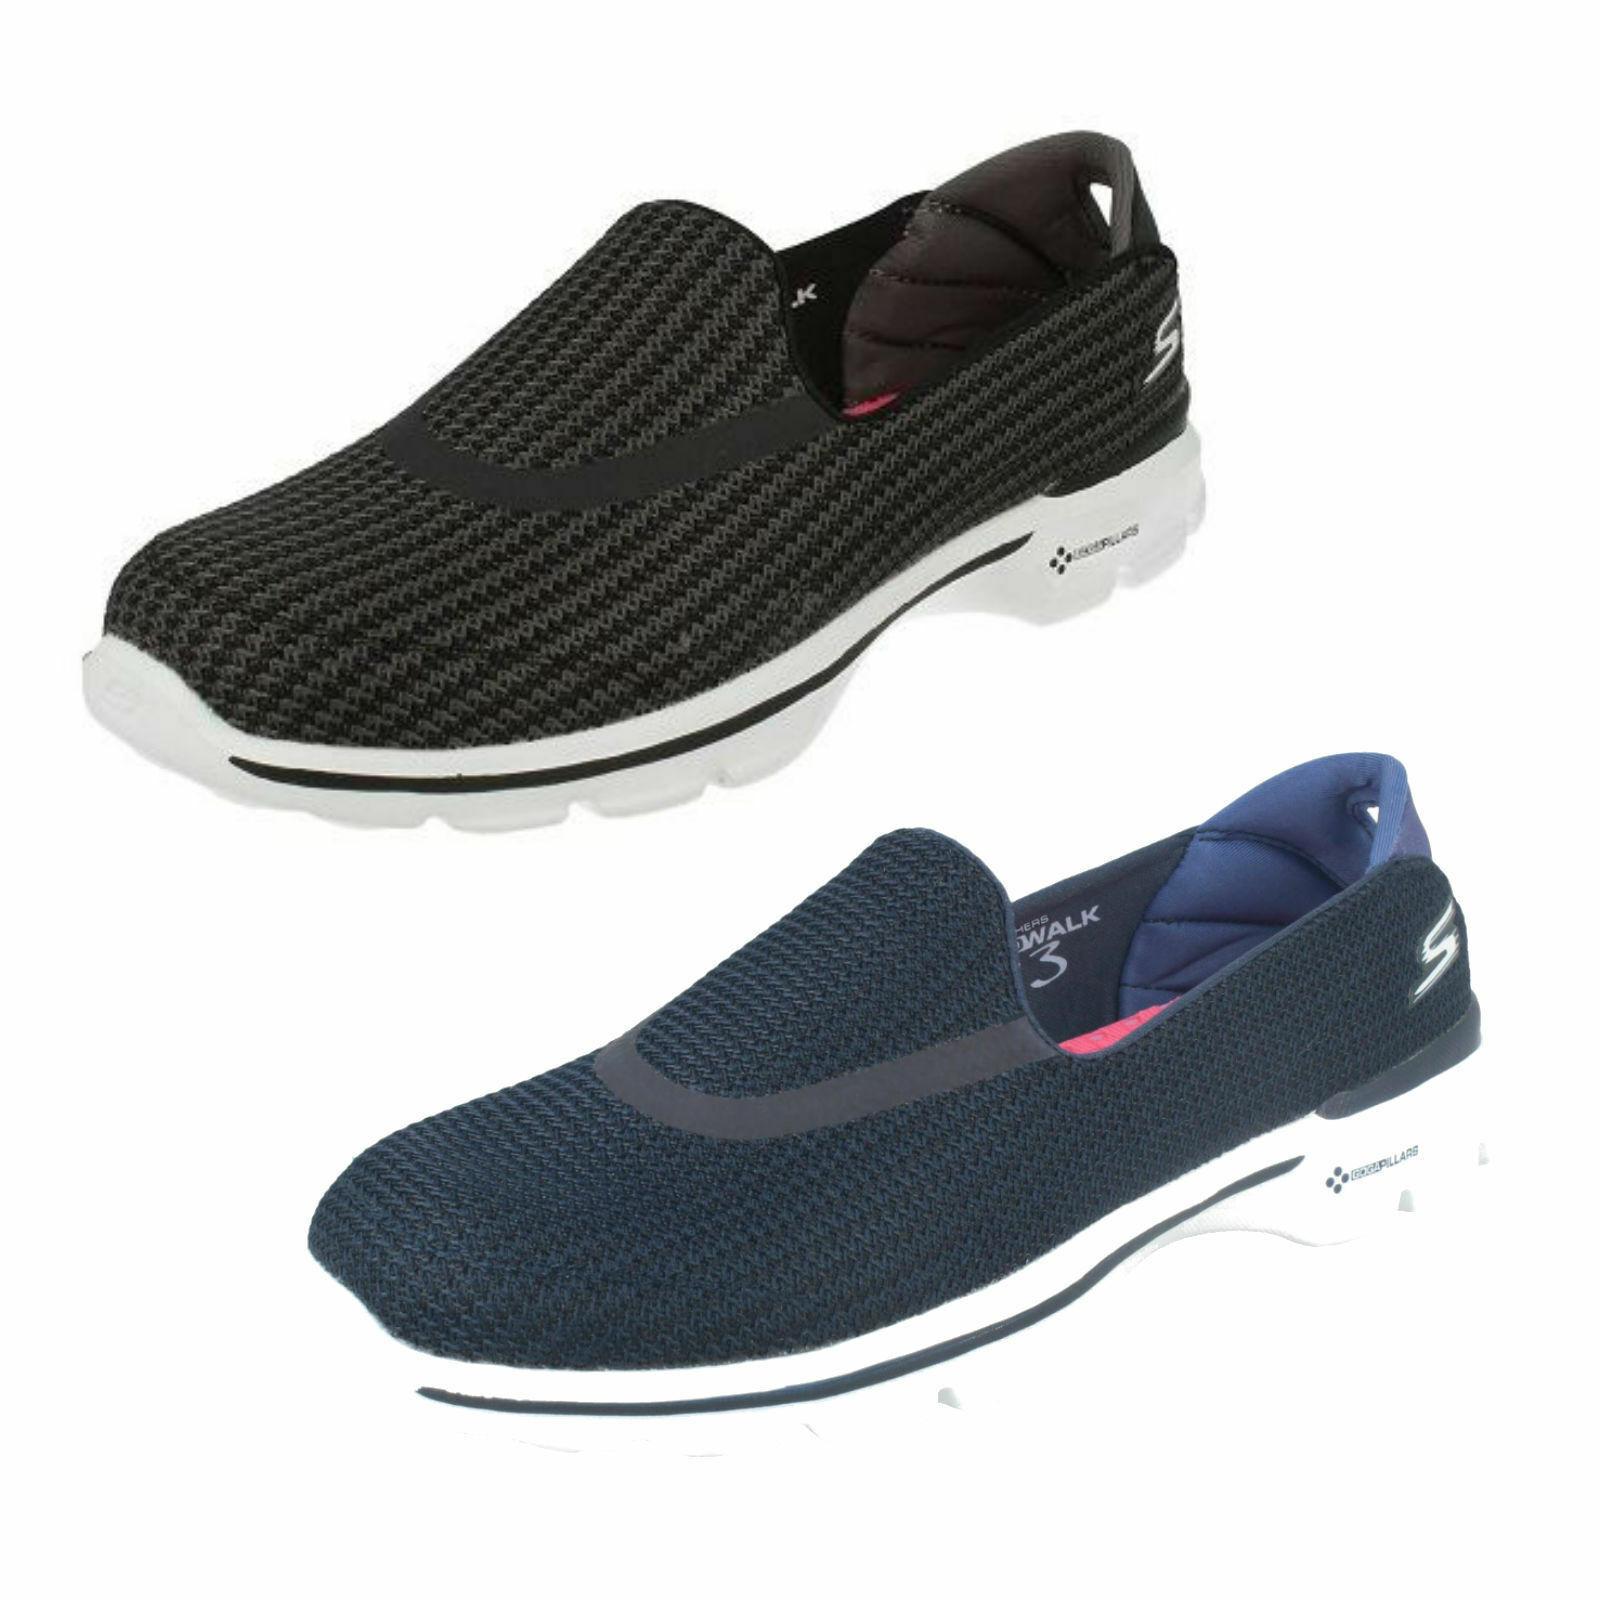 Femmes Skechers Go Walk 3 13980 à Enfiler Léger Casual Sports Baskets Chaussures